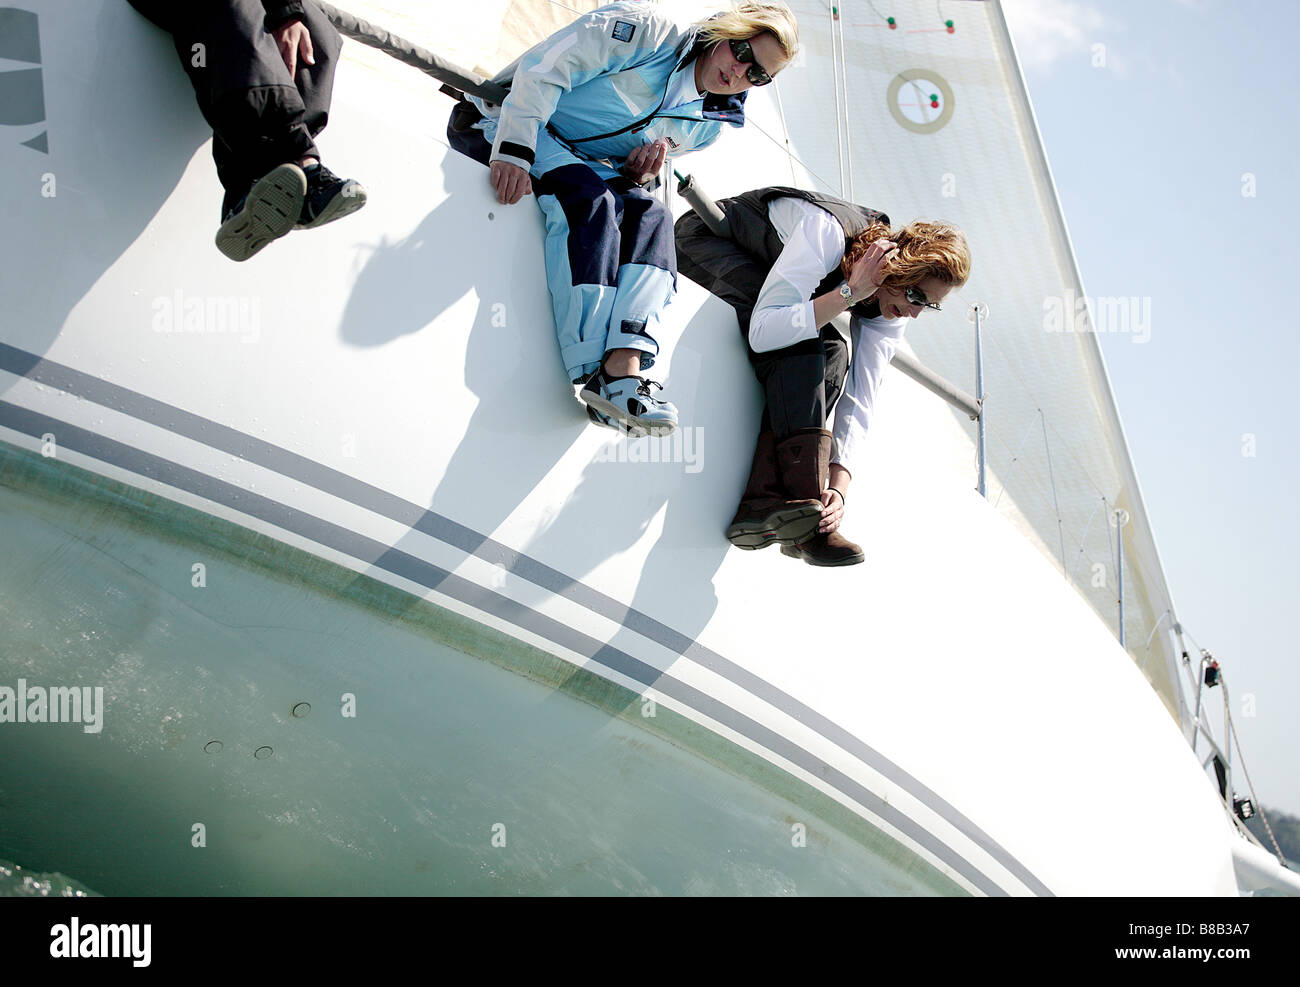 3 Erwachsene, 2 Frau und 1 Mann beugte sich über die Steuerbordseite einer Segelyacht. Das Bild ist Farbe im Stockbild